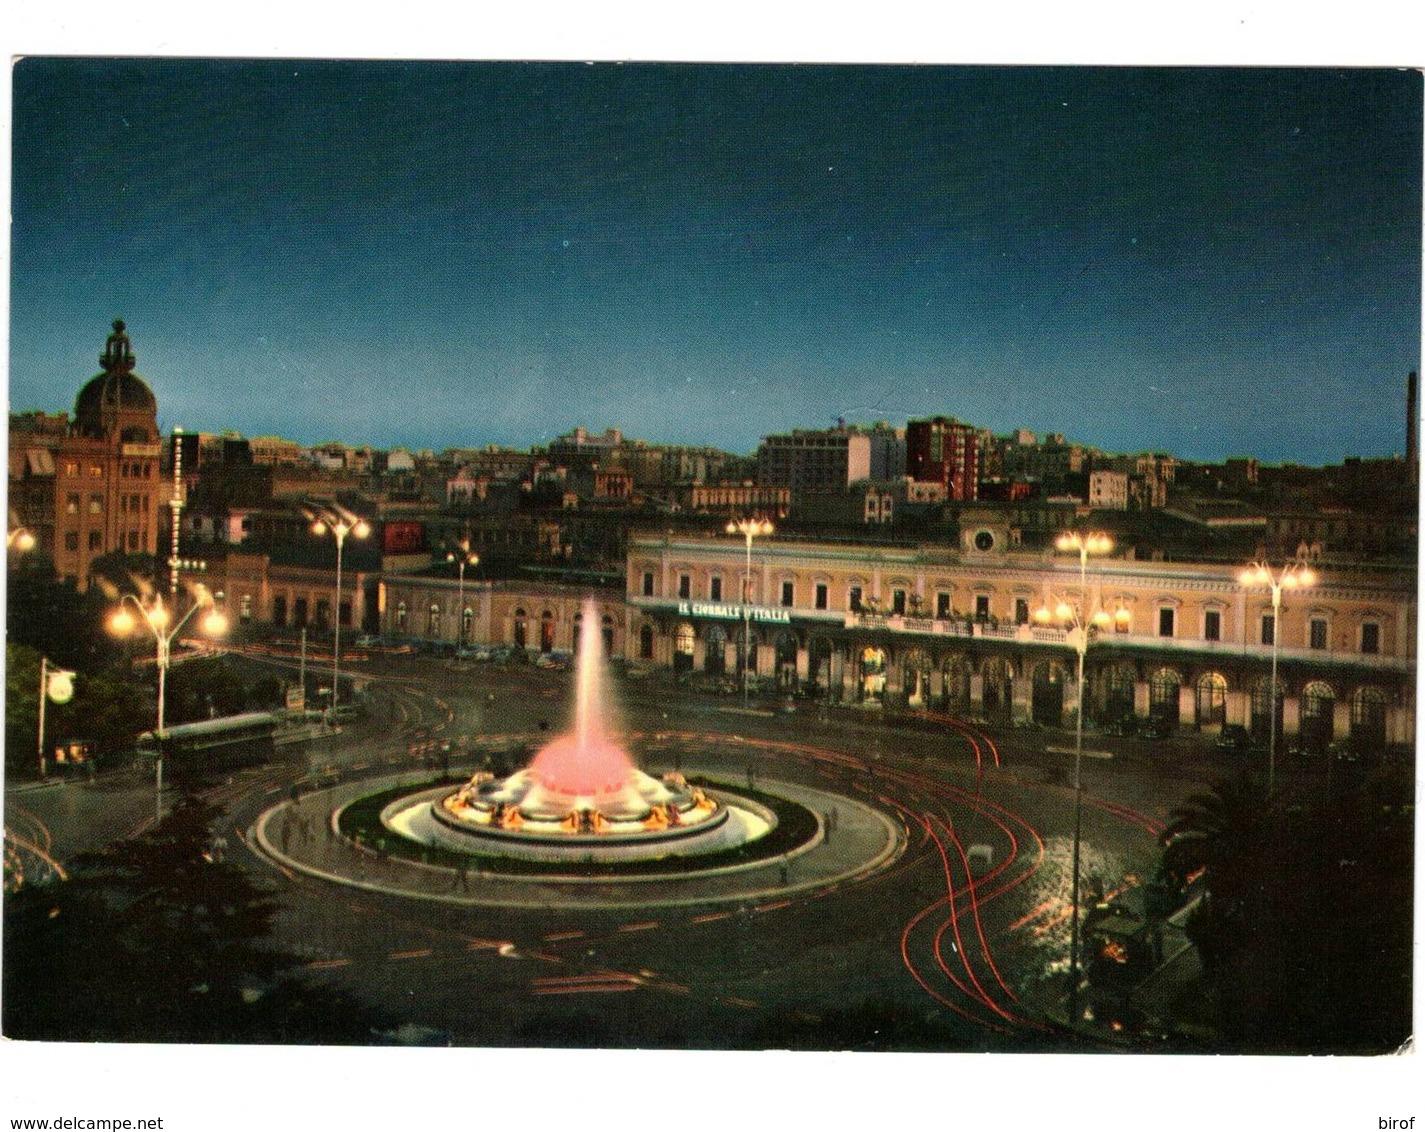 BARI DI NOTTE - PIAZZA ROMA - STAZIONE CENTRALE (BA) - Bari